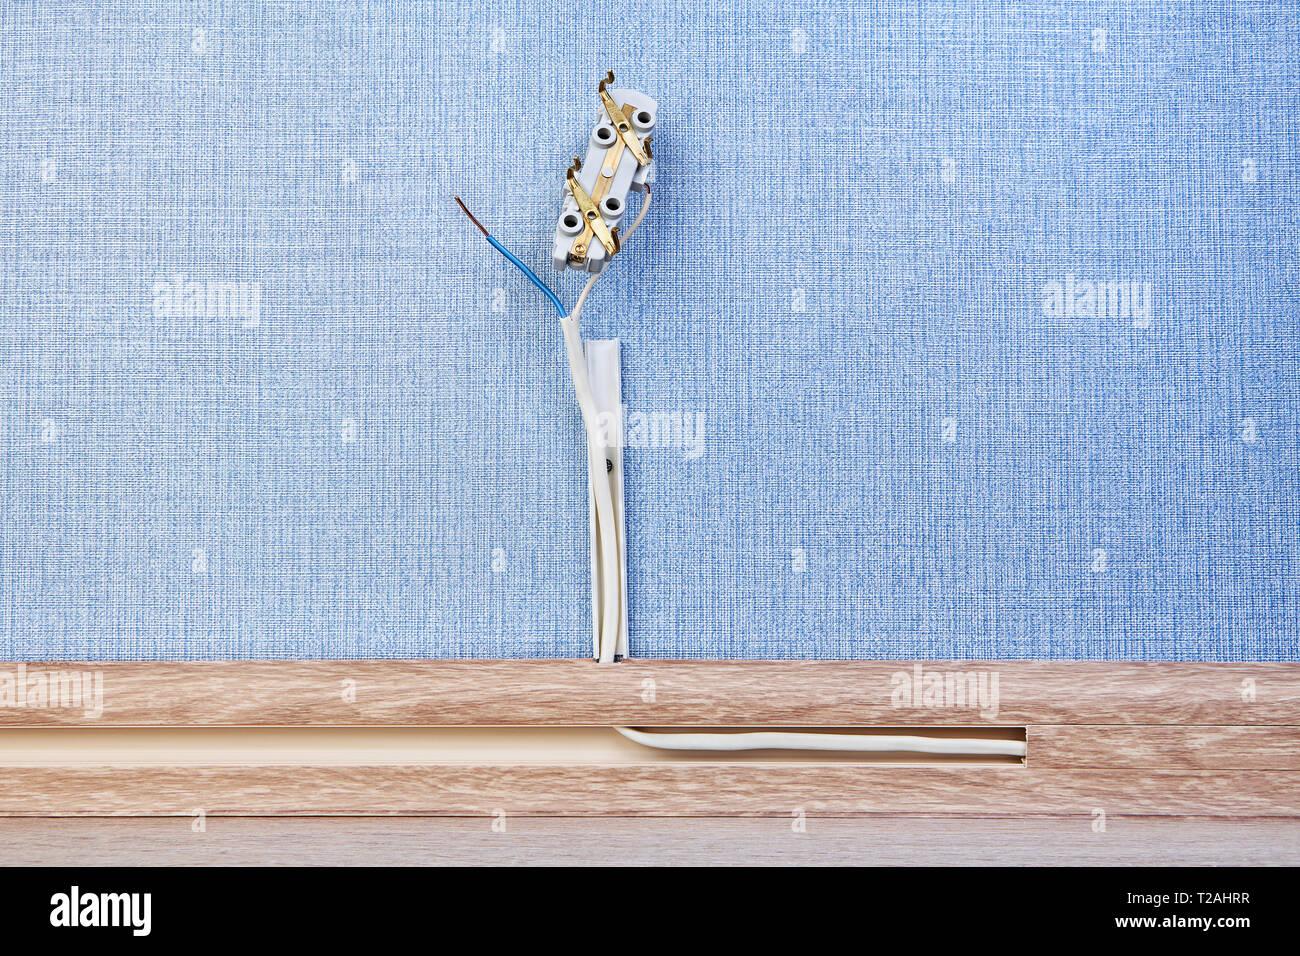 Gut bekannt Elektrische Steckdose Stockfotos & Elektrische Steckdose Bilder EE73